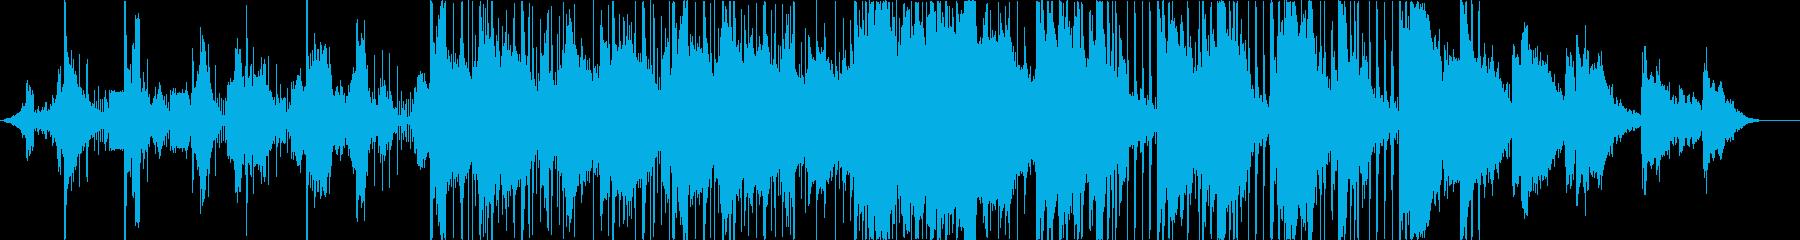 壮大で綺麗な電子サウンドの楽曲の再生済みの波形